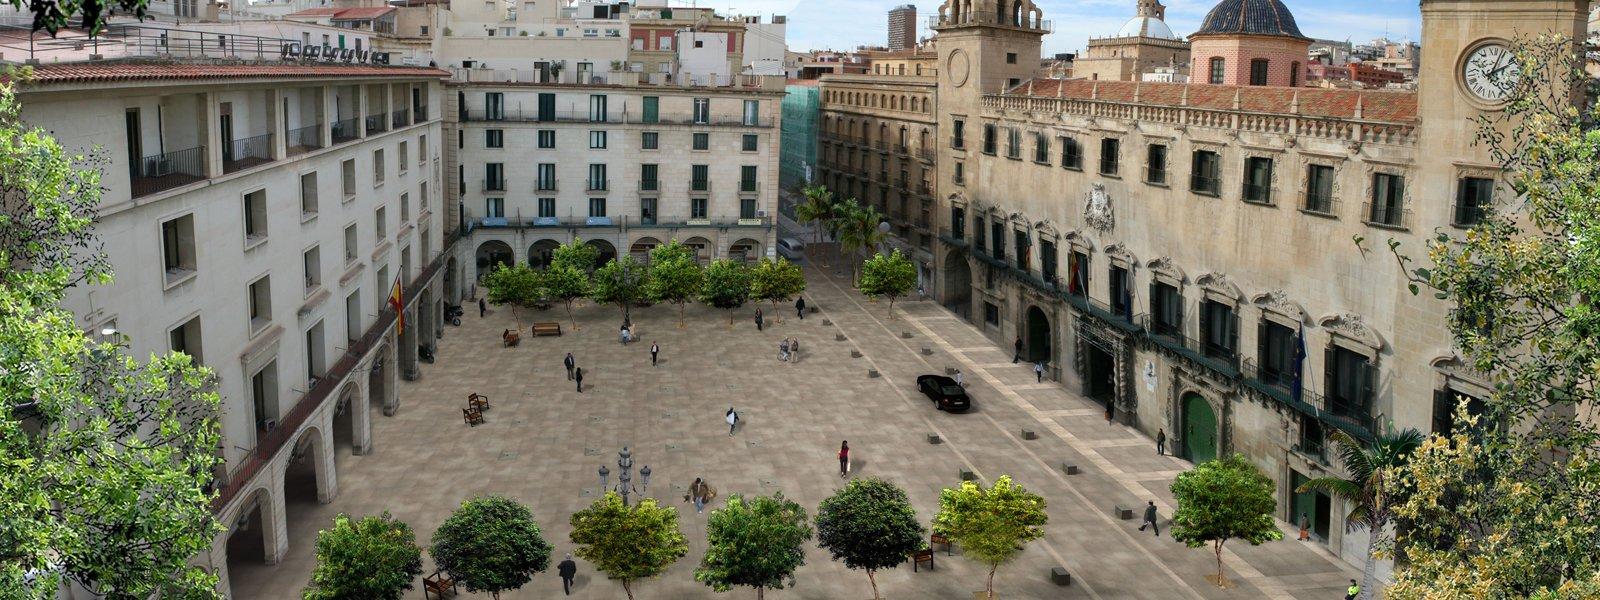 Plaça Ajuntament, localització per a la representació d'espectacles